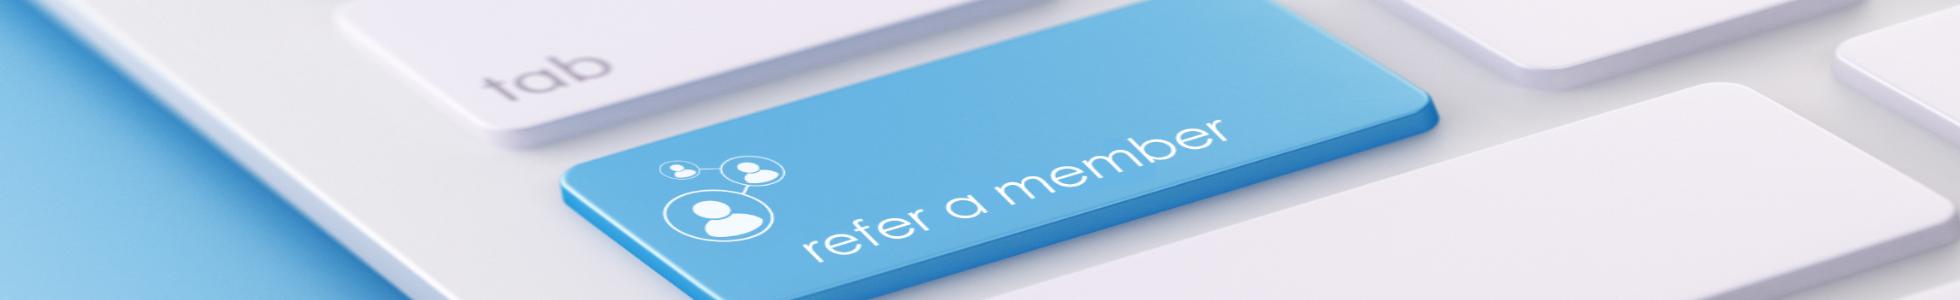 Member Referral Program